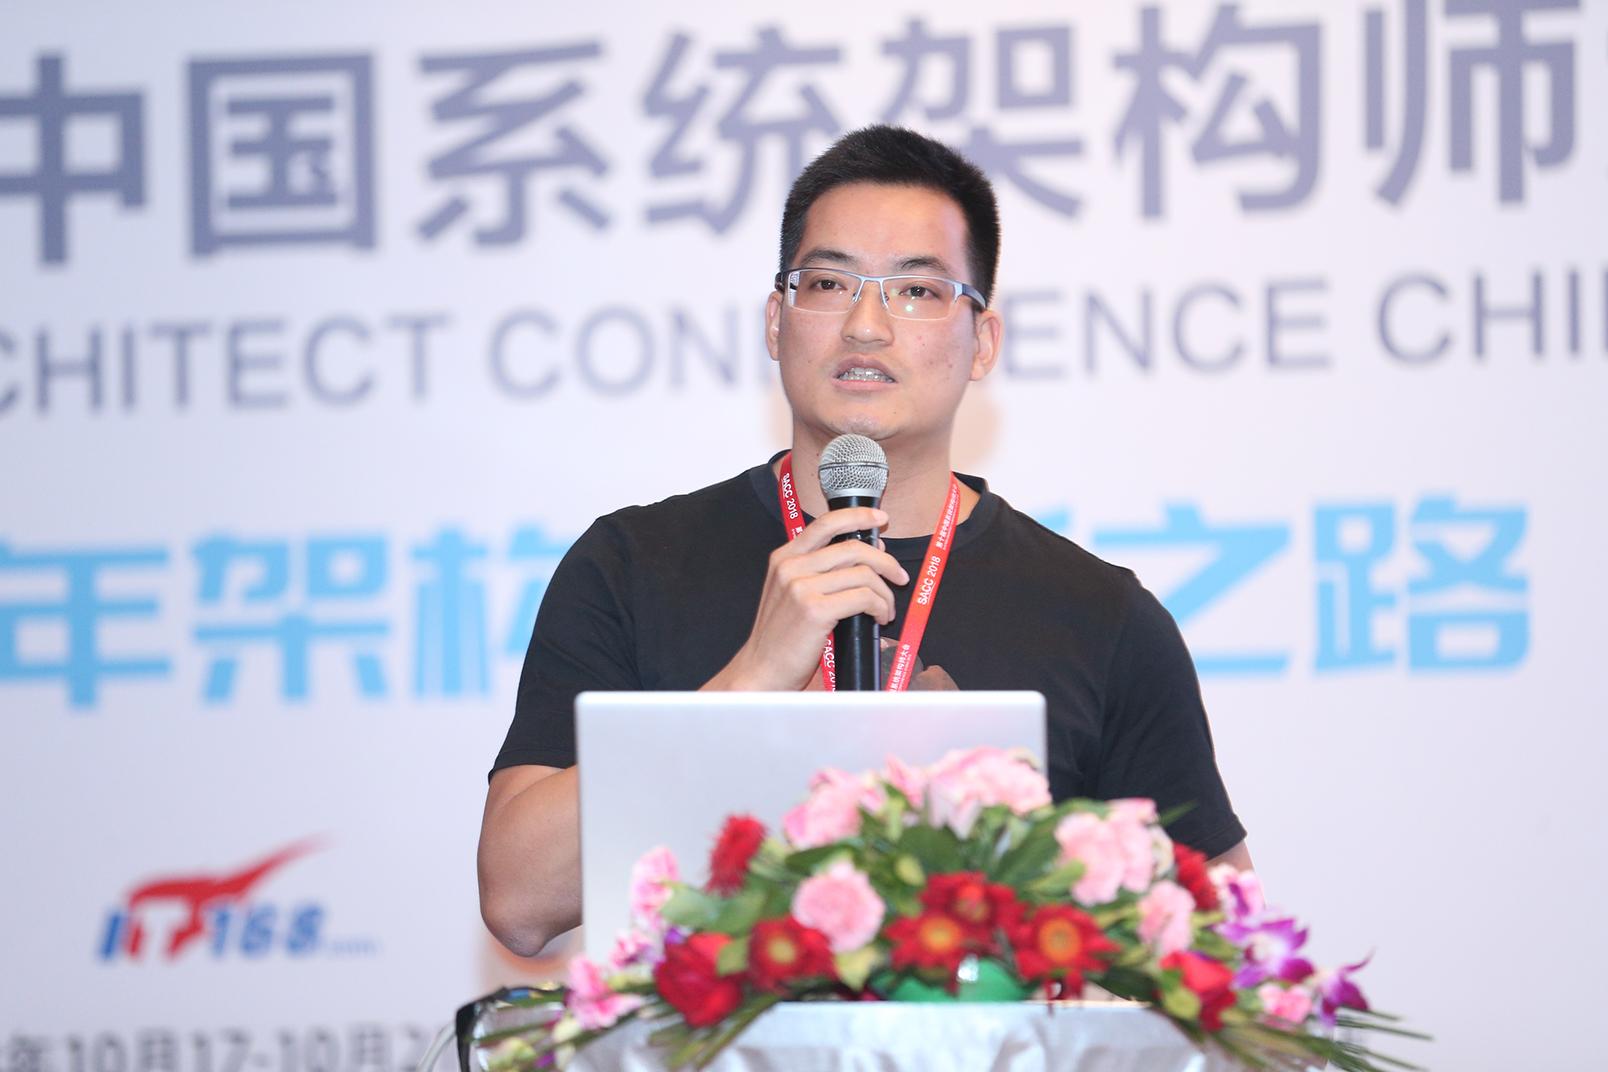 SACC2018:微服务架构如何设计 ?